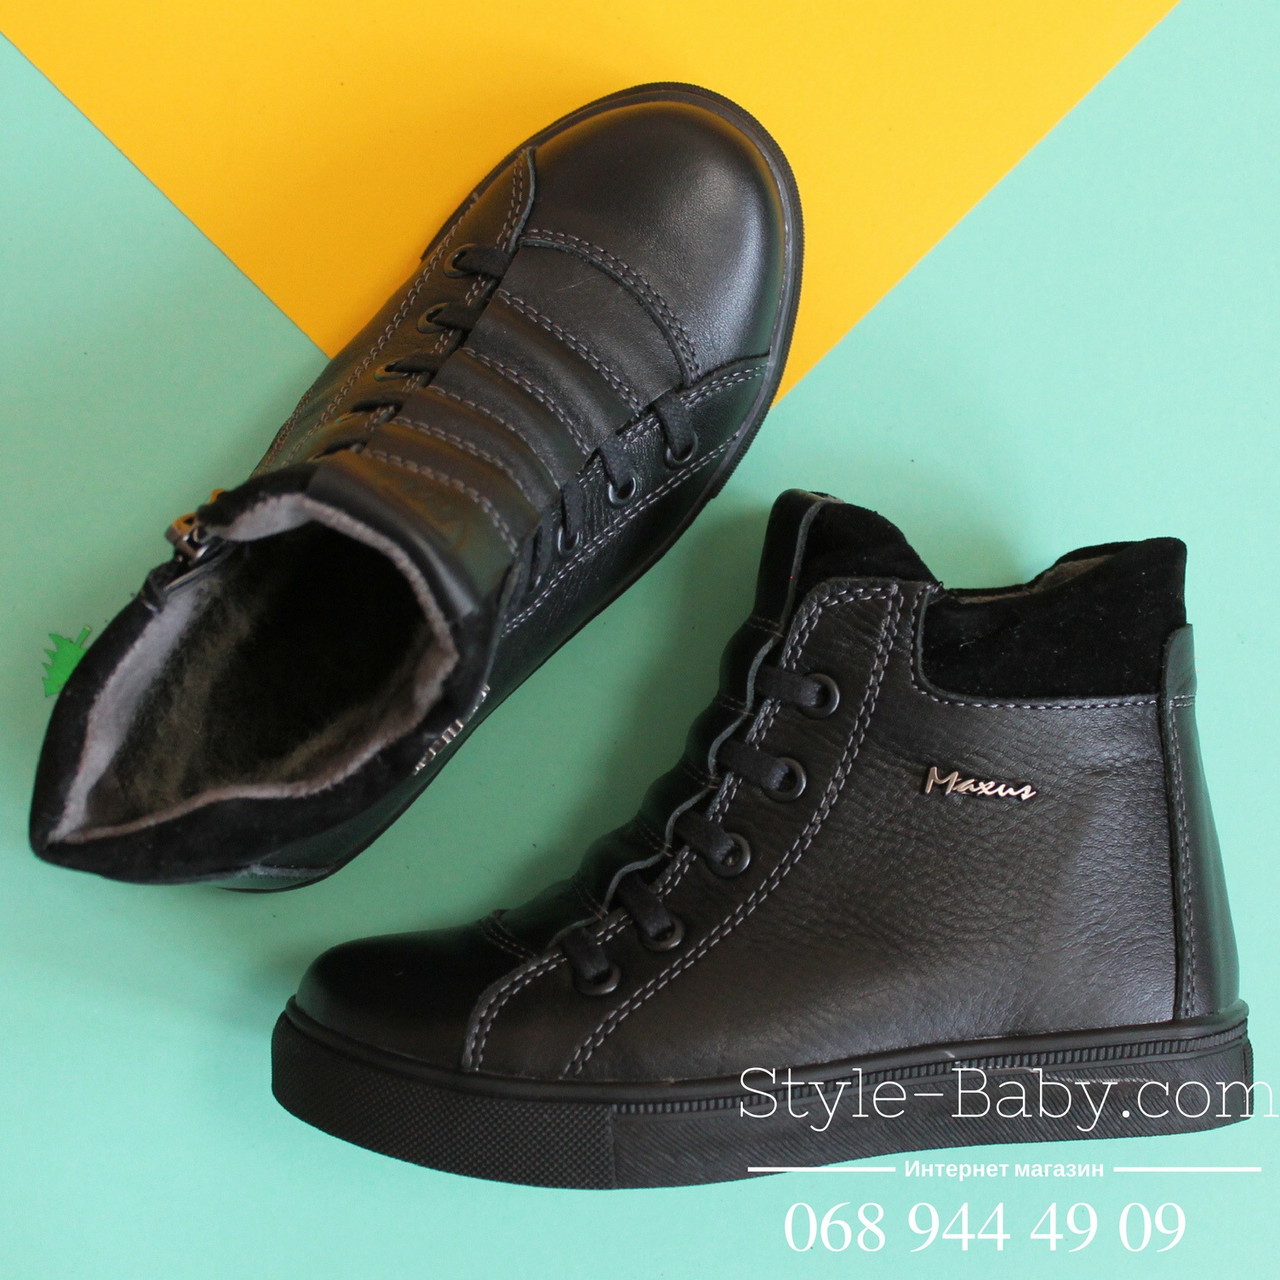 Зимние кожаные ботинки на мальчика бренда Maxus р.34,35,37